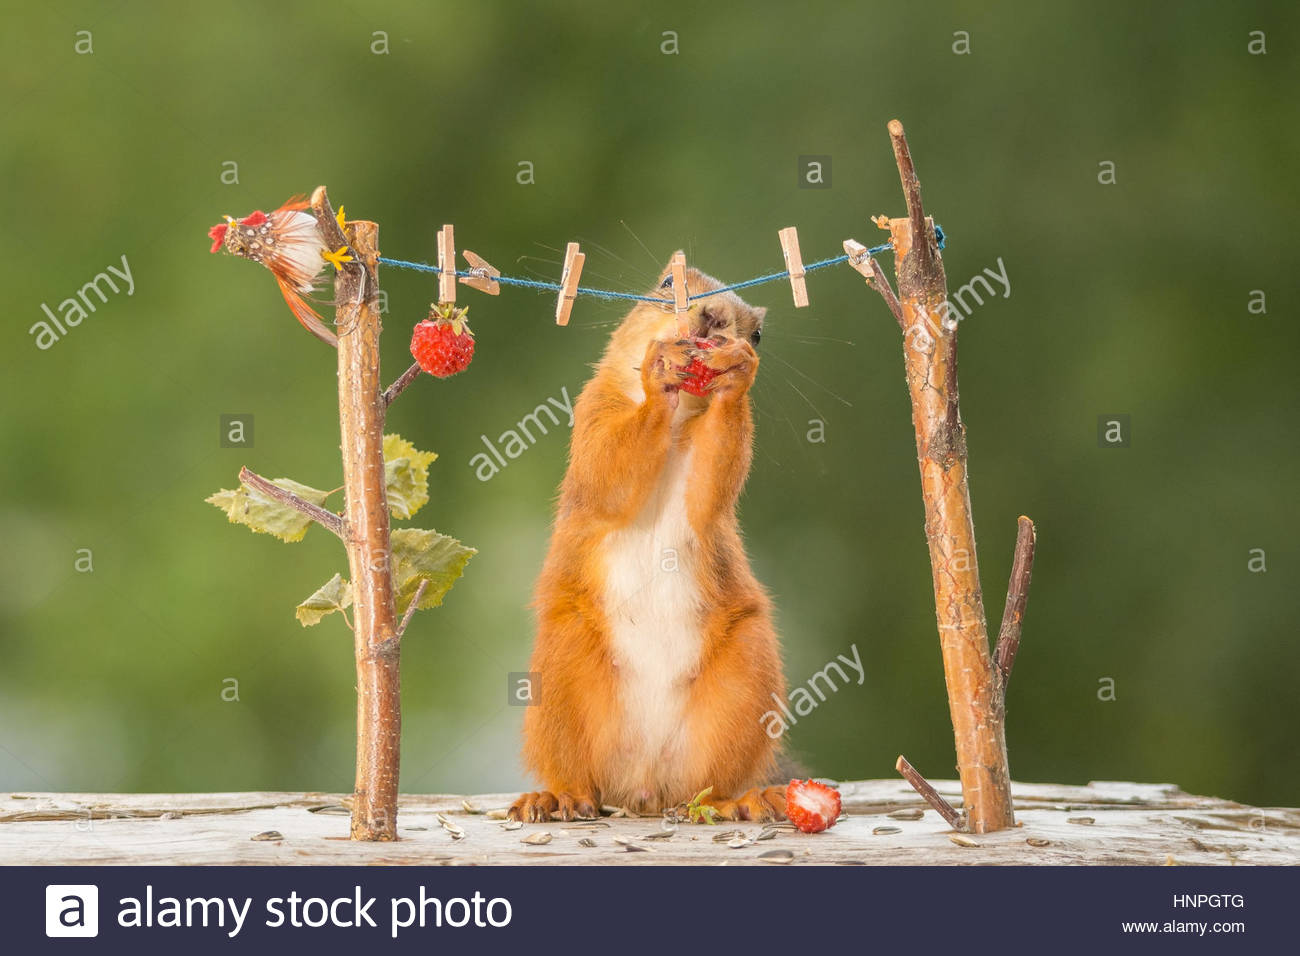 Charmant Eichhörnchen Kauen Drähte Bilder - Die Besten Elektrischen ...